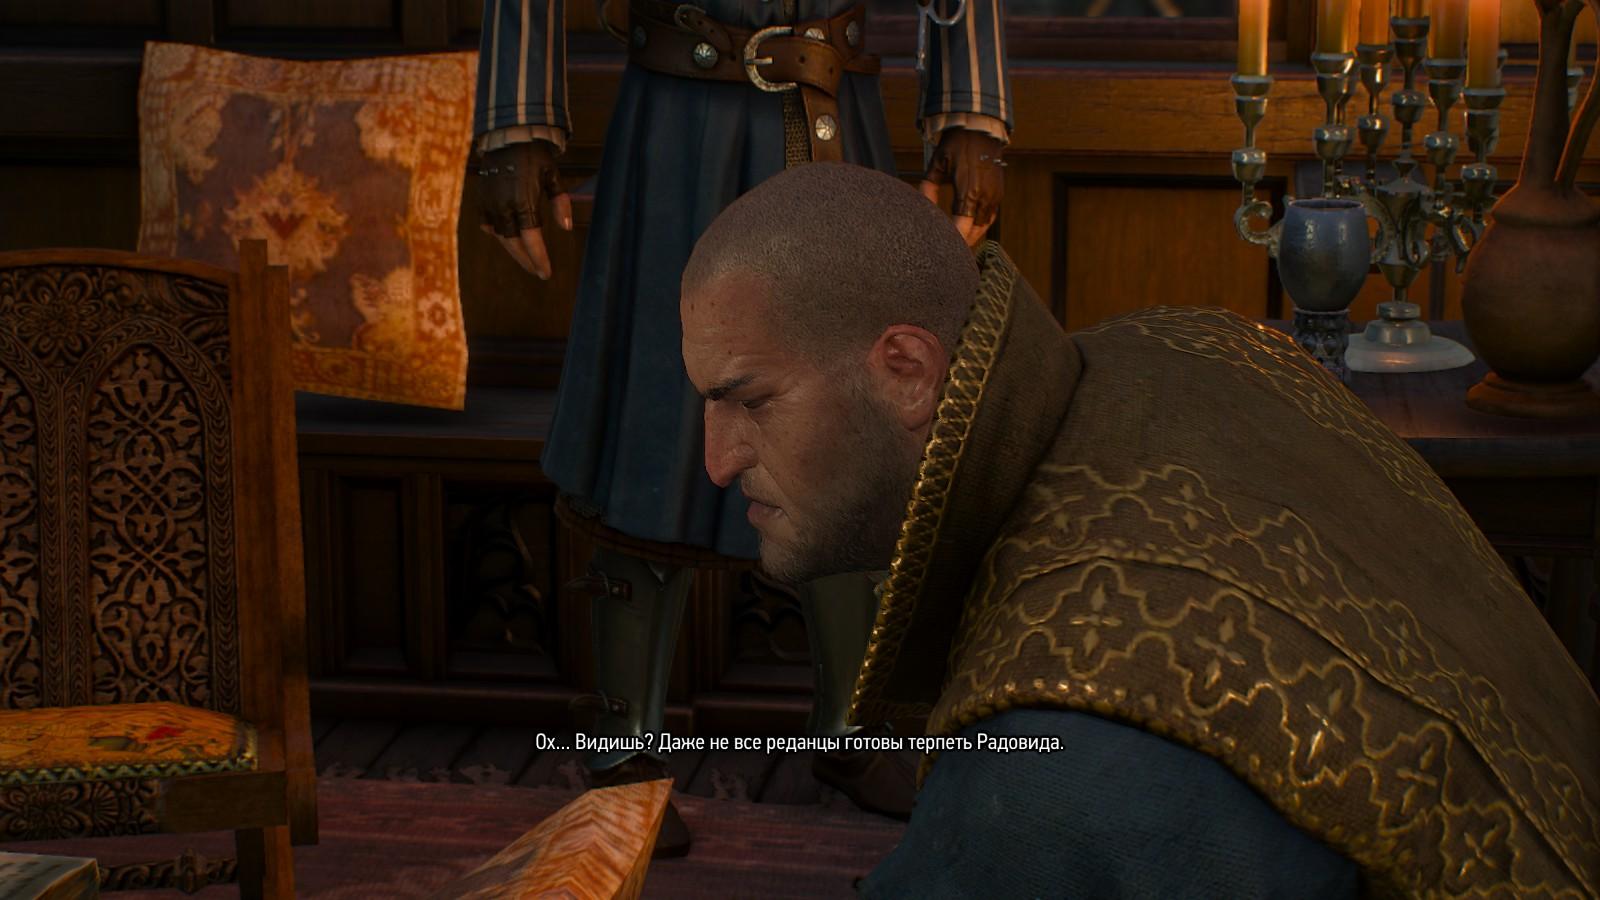 Йеннифэр - Witcher 3: Wild Hunt, the Персонаж, Скеллиге